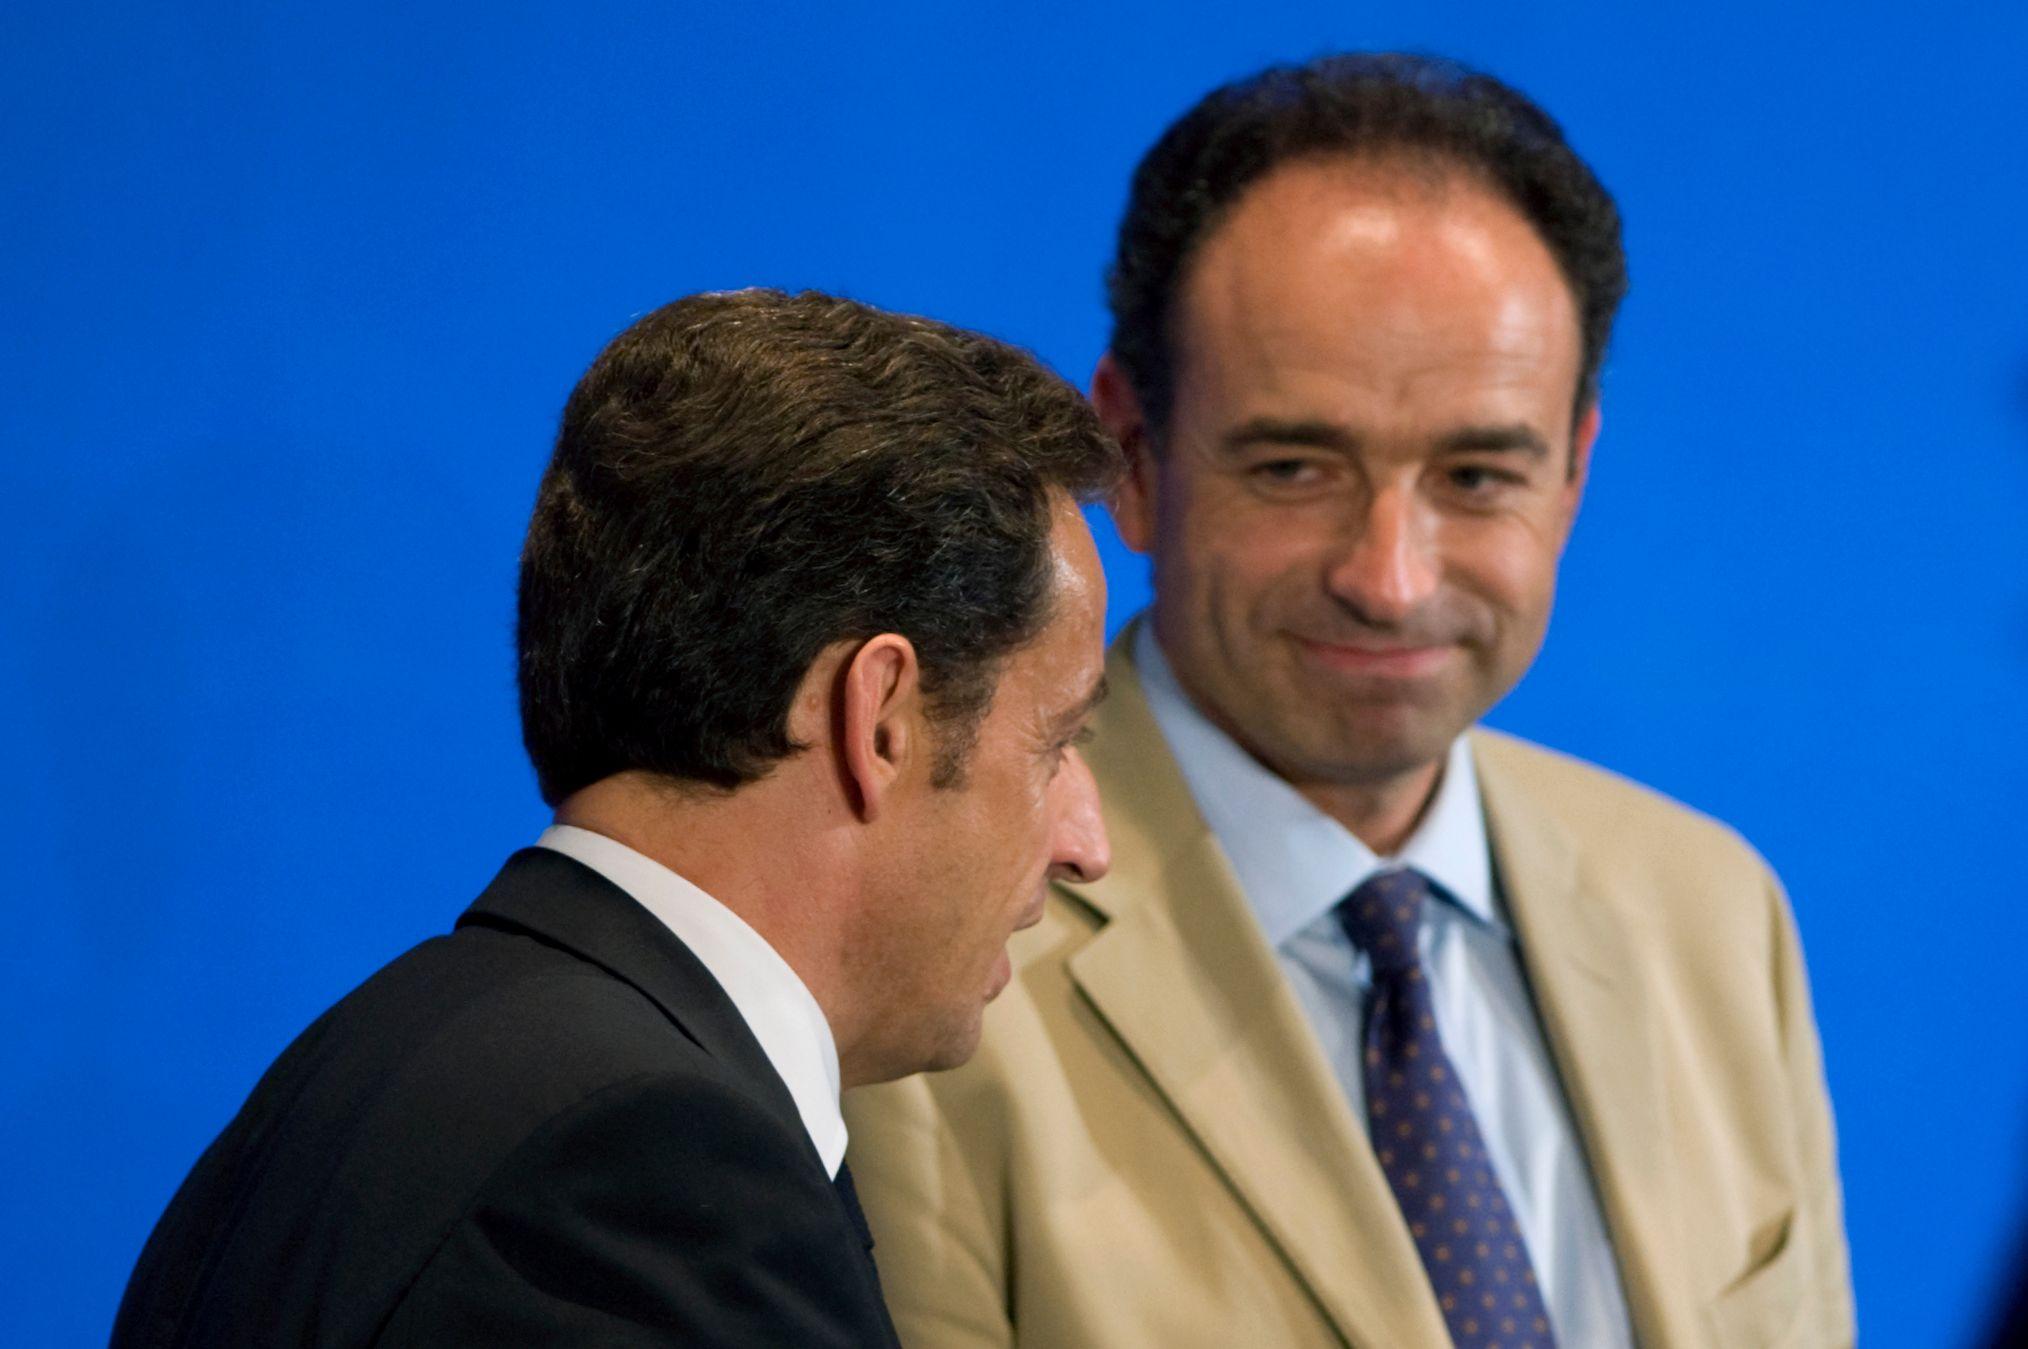 """Bygmalion : Jean-François Copé compare la campagne présidentielle de Nicolas Sarkozy à """"un TGV qu'on ne pouvait plus arrêter"""""""